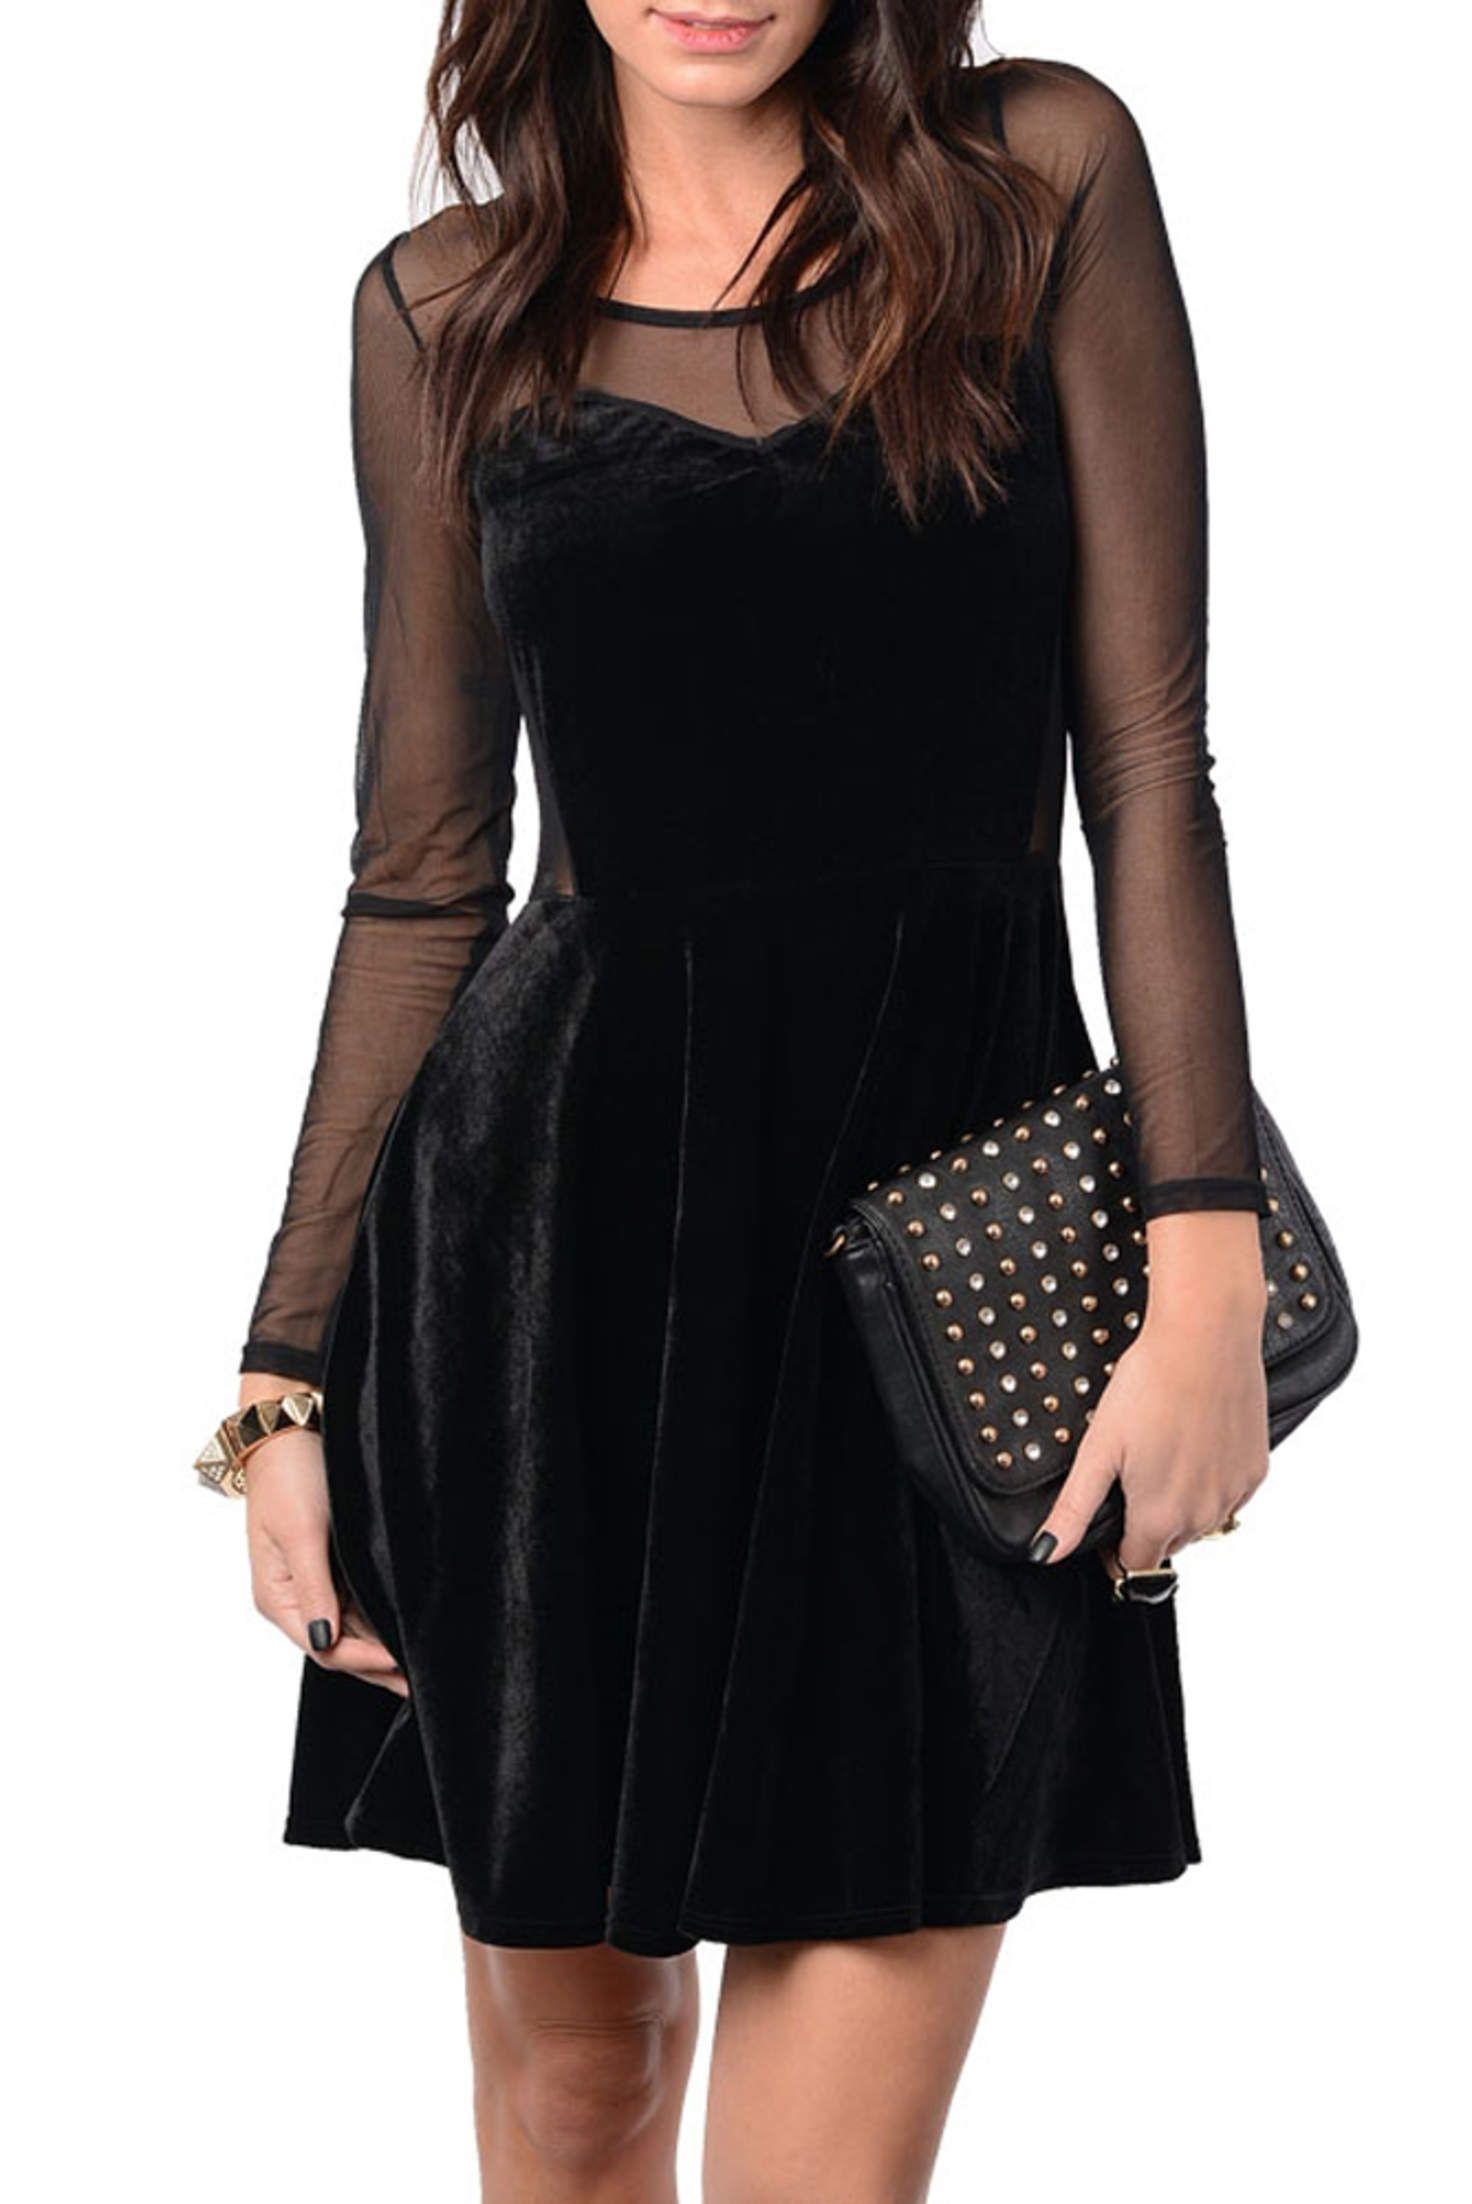 Black Chic Mesh Long Sleeve Velvet Dress Long Sleeve Velvet Dress Velvet Dress Dresses [ 2204 x 1472 Pixel ]